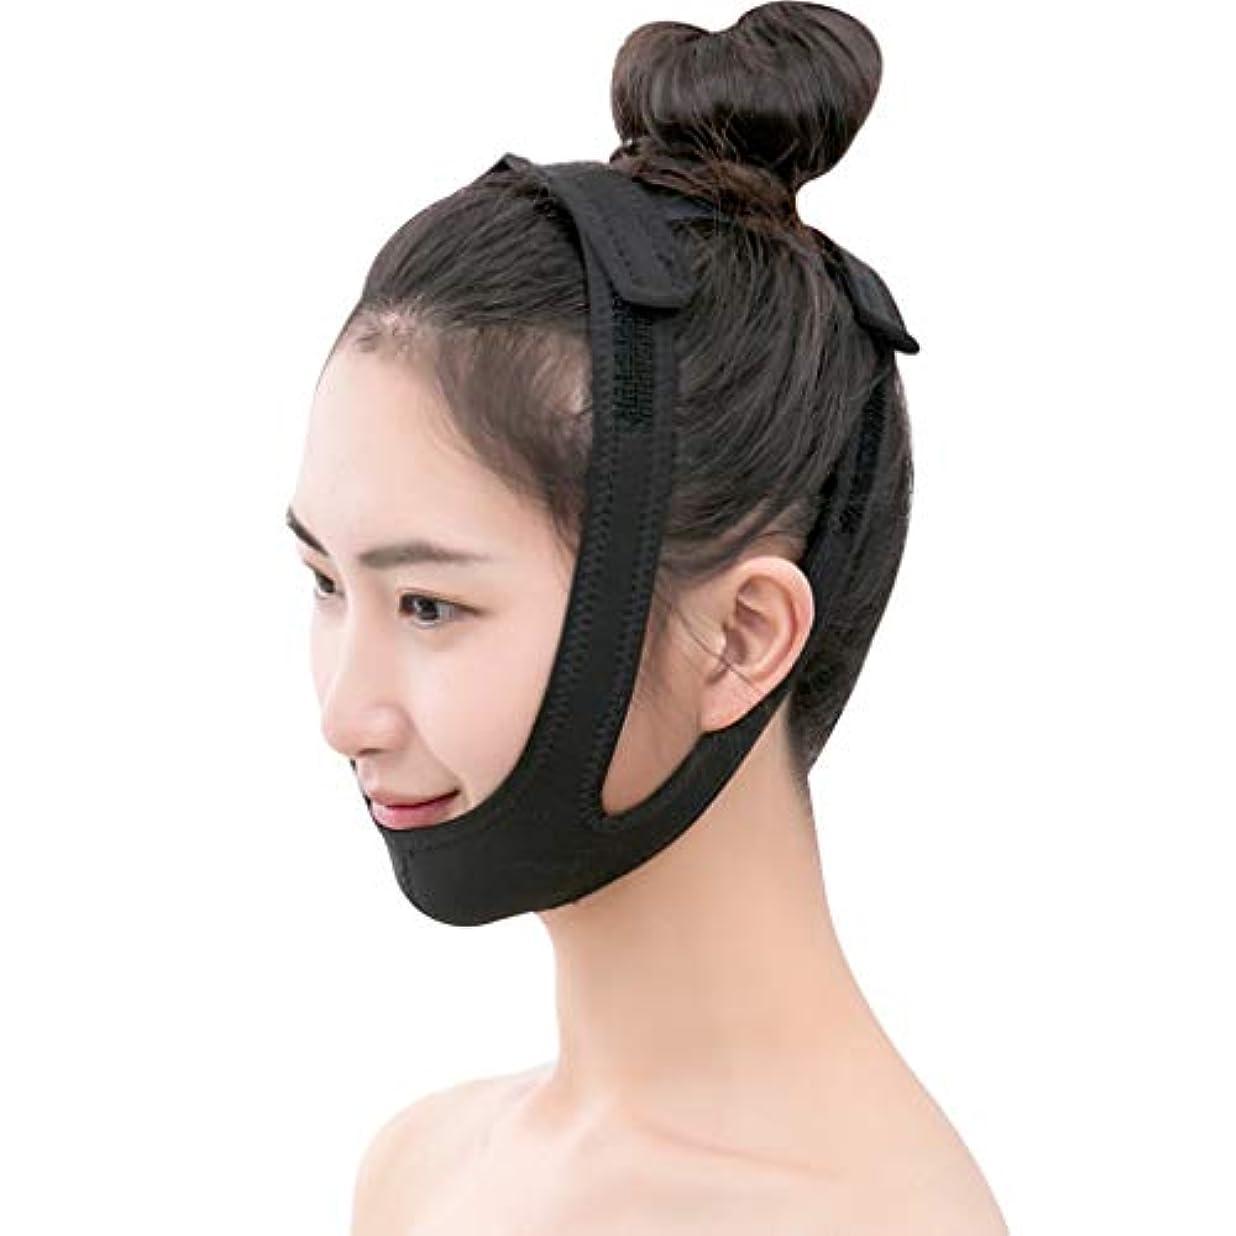 豚肉分子本能顔リフト手術回復ライン彫刻顔リフト顔のリフト v 顔睡眠マスク